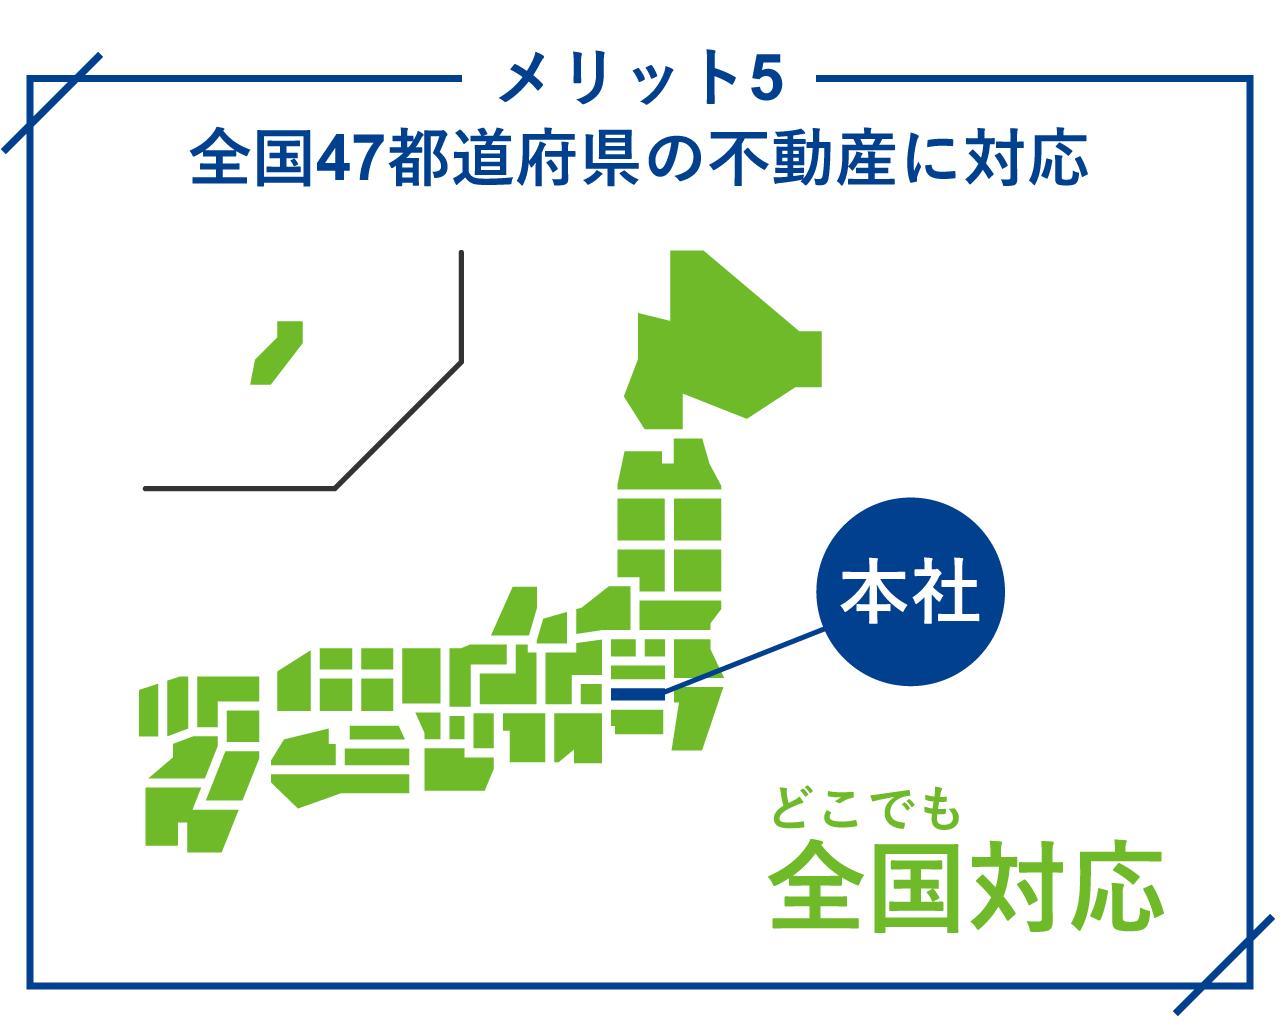 全国47都道府県の不動産に対応